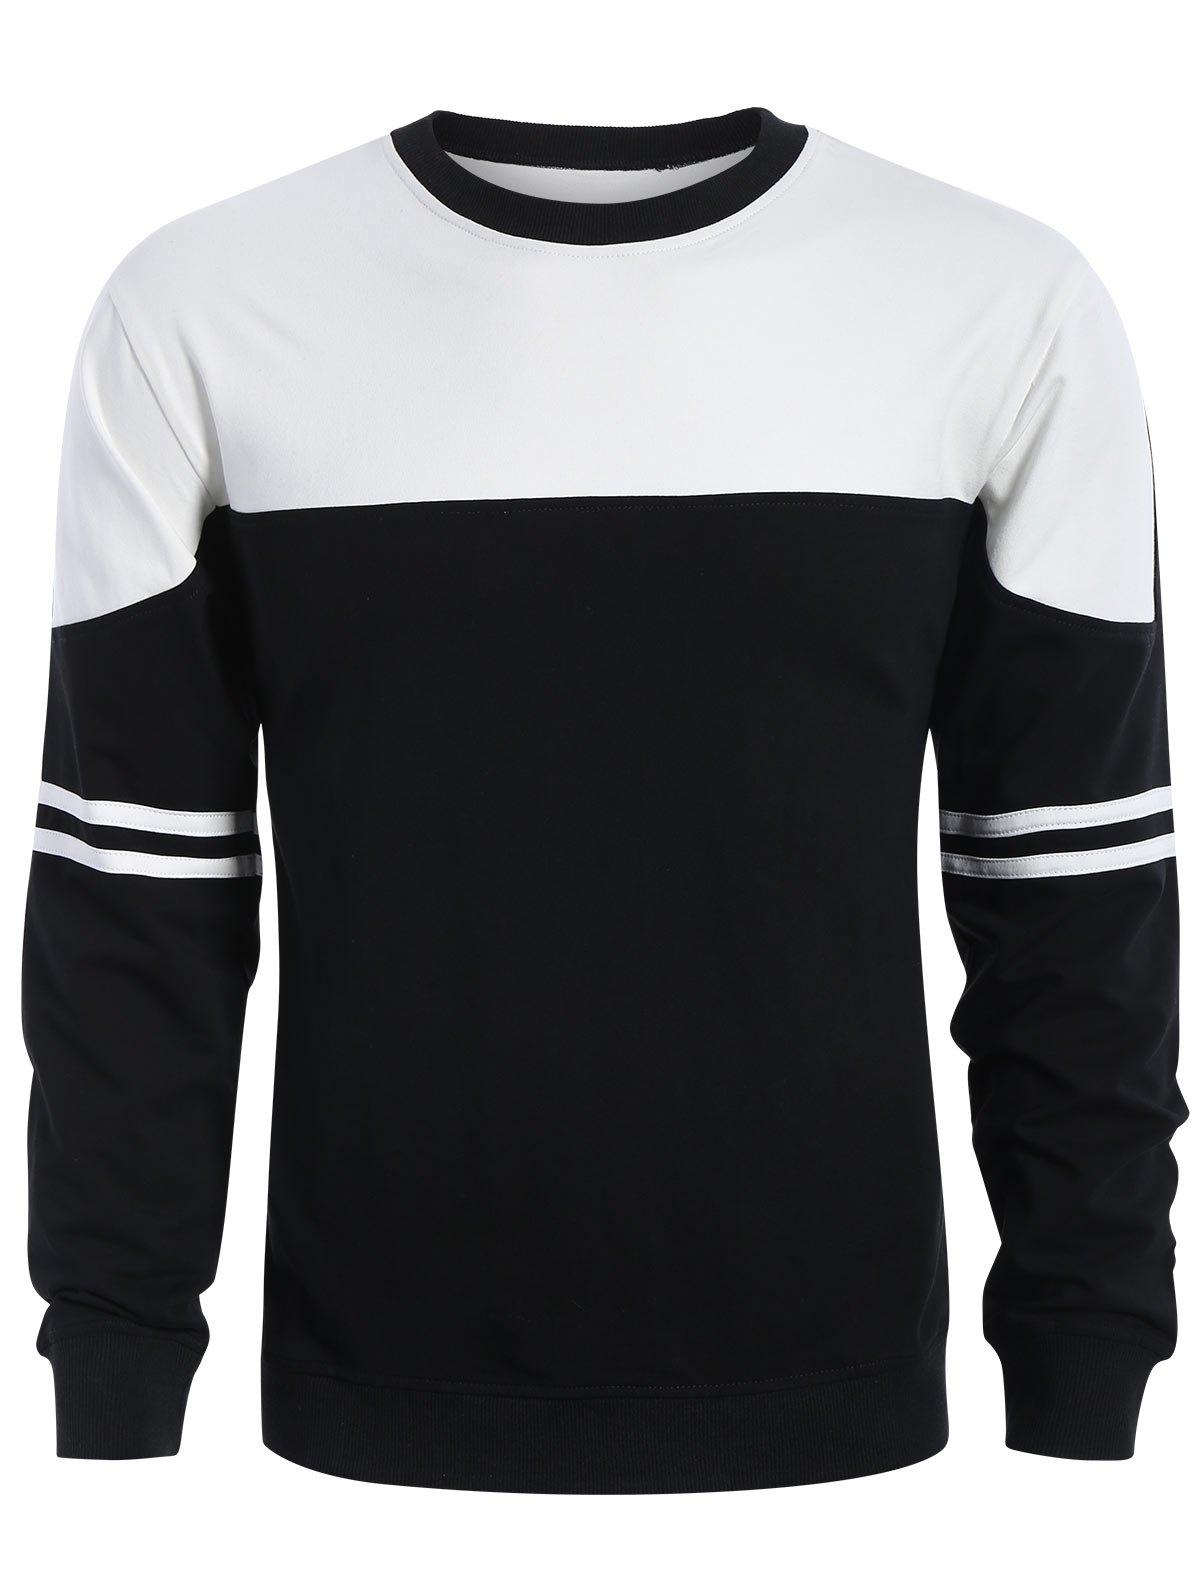 Mens Two Tone Sweatshirt 221370501